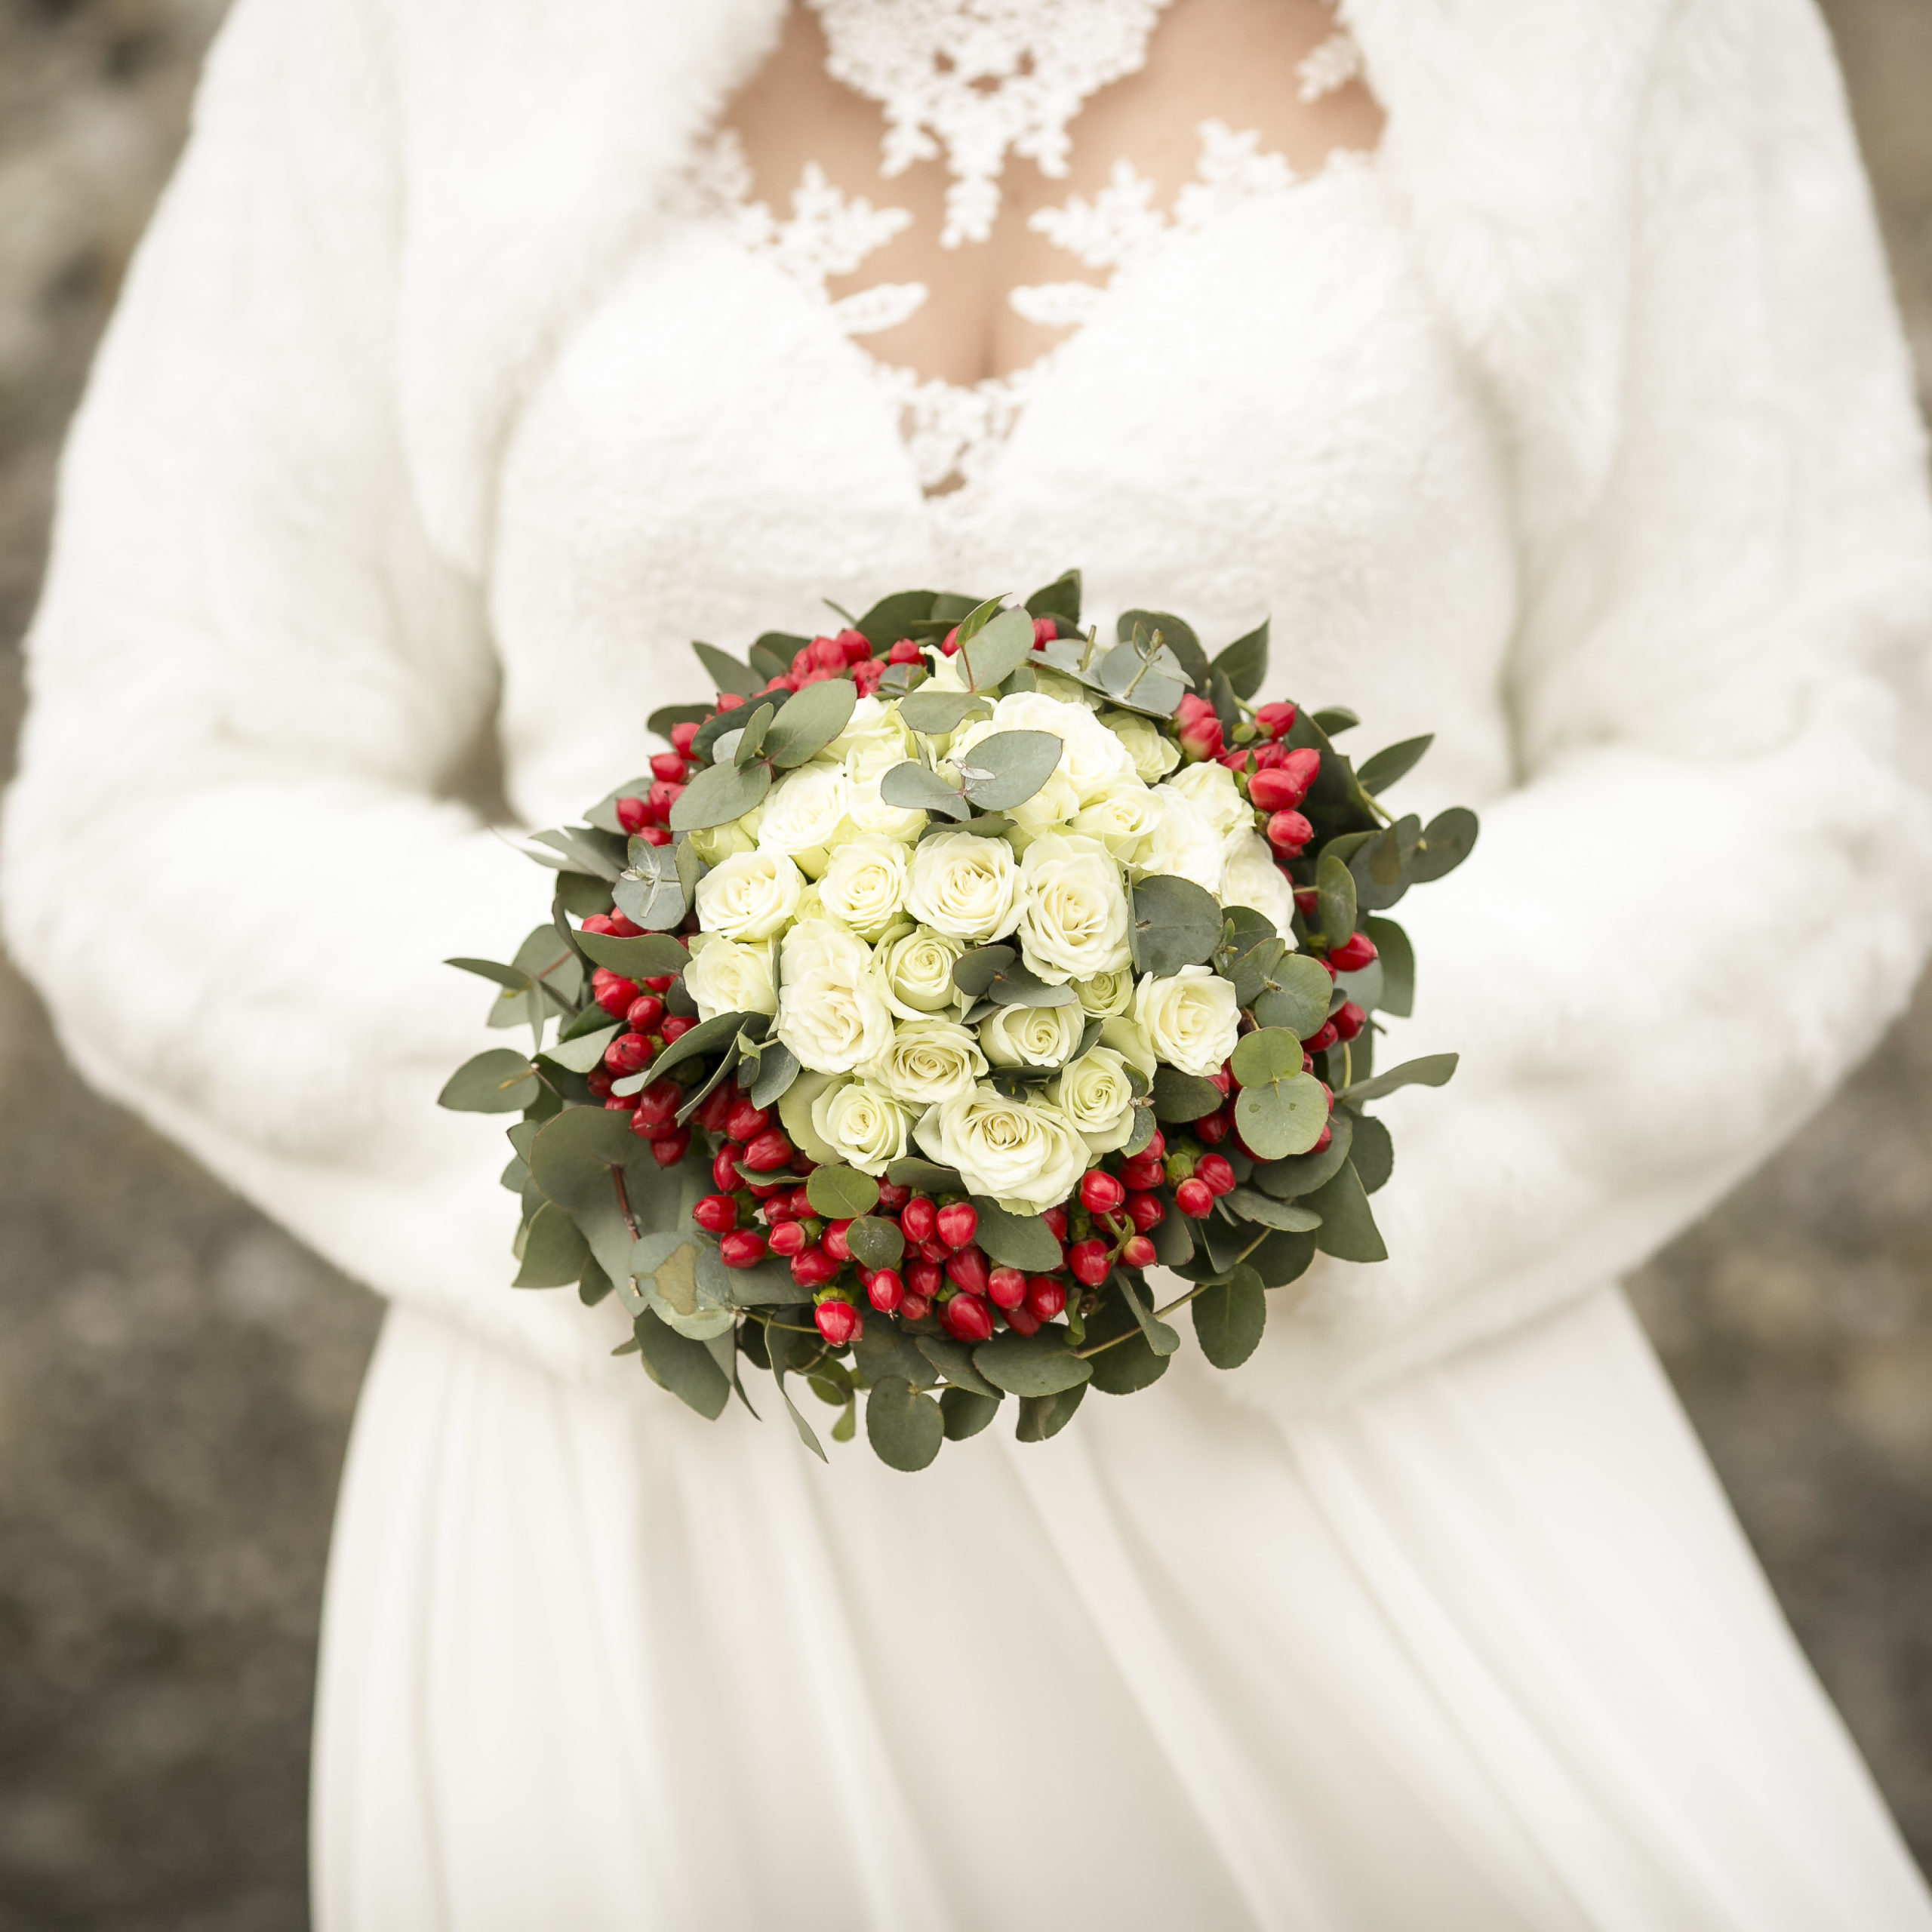 Elke Holzmann Fotografie Hochzeitsfotografie Bouquet Brautstrauß